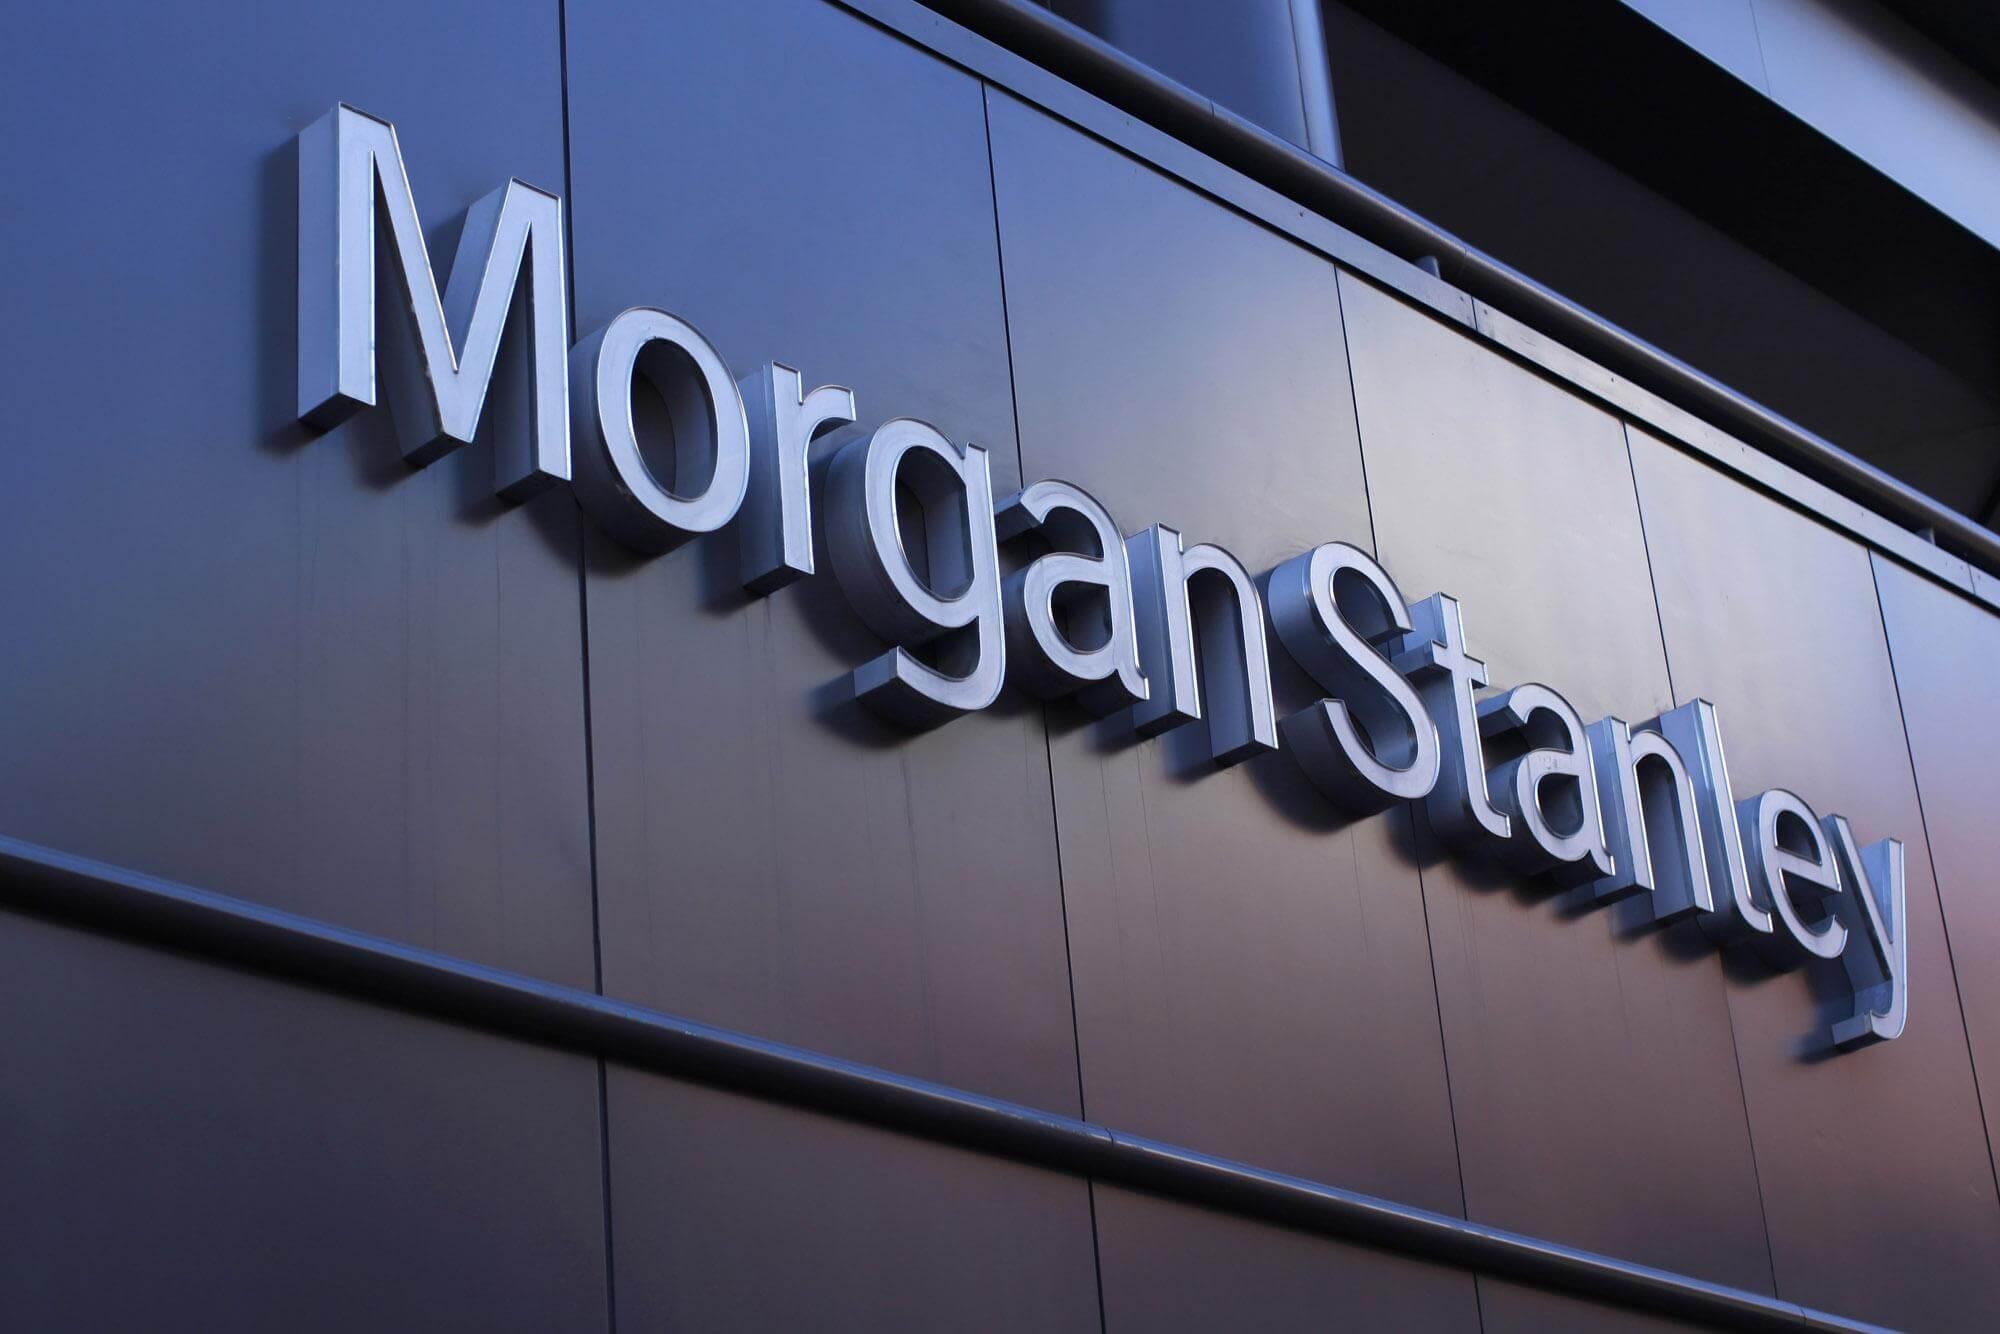 Биткоин повторяет движение индекса Nasdaq, — Morgan Stanley